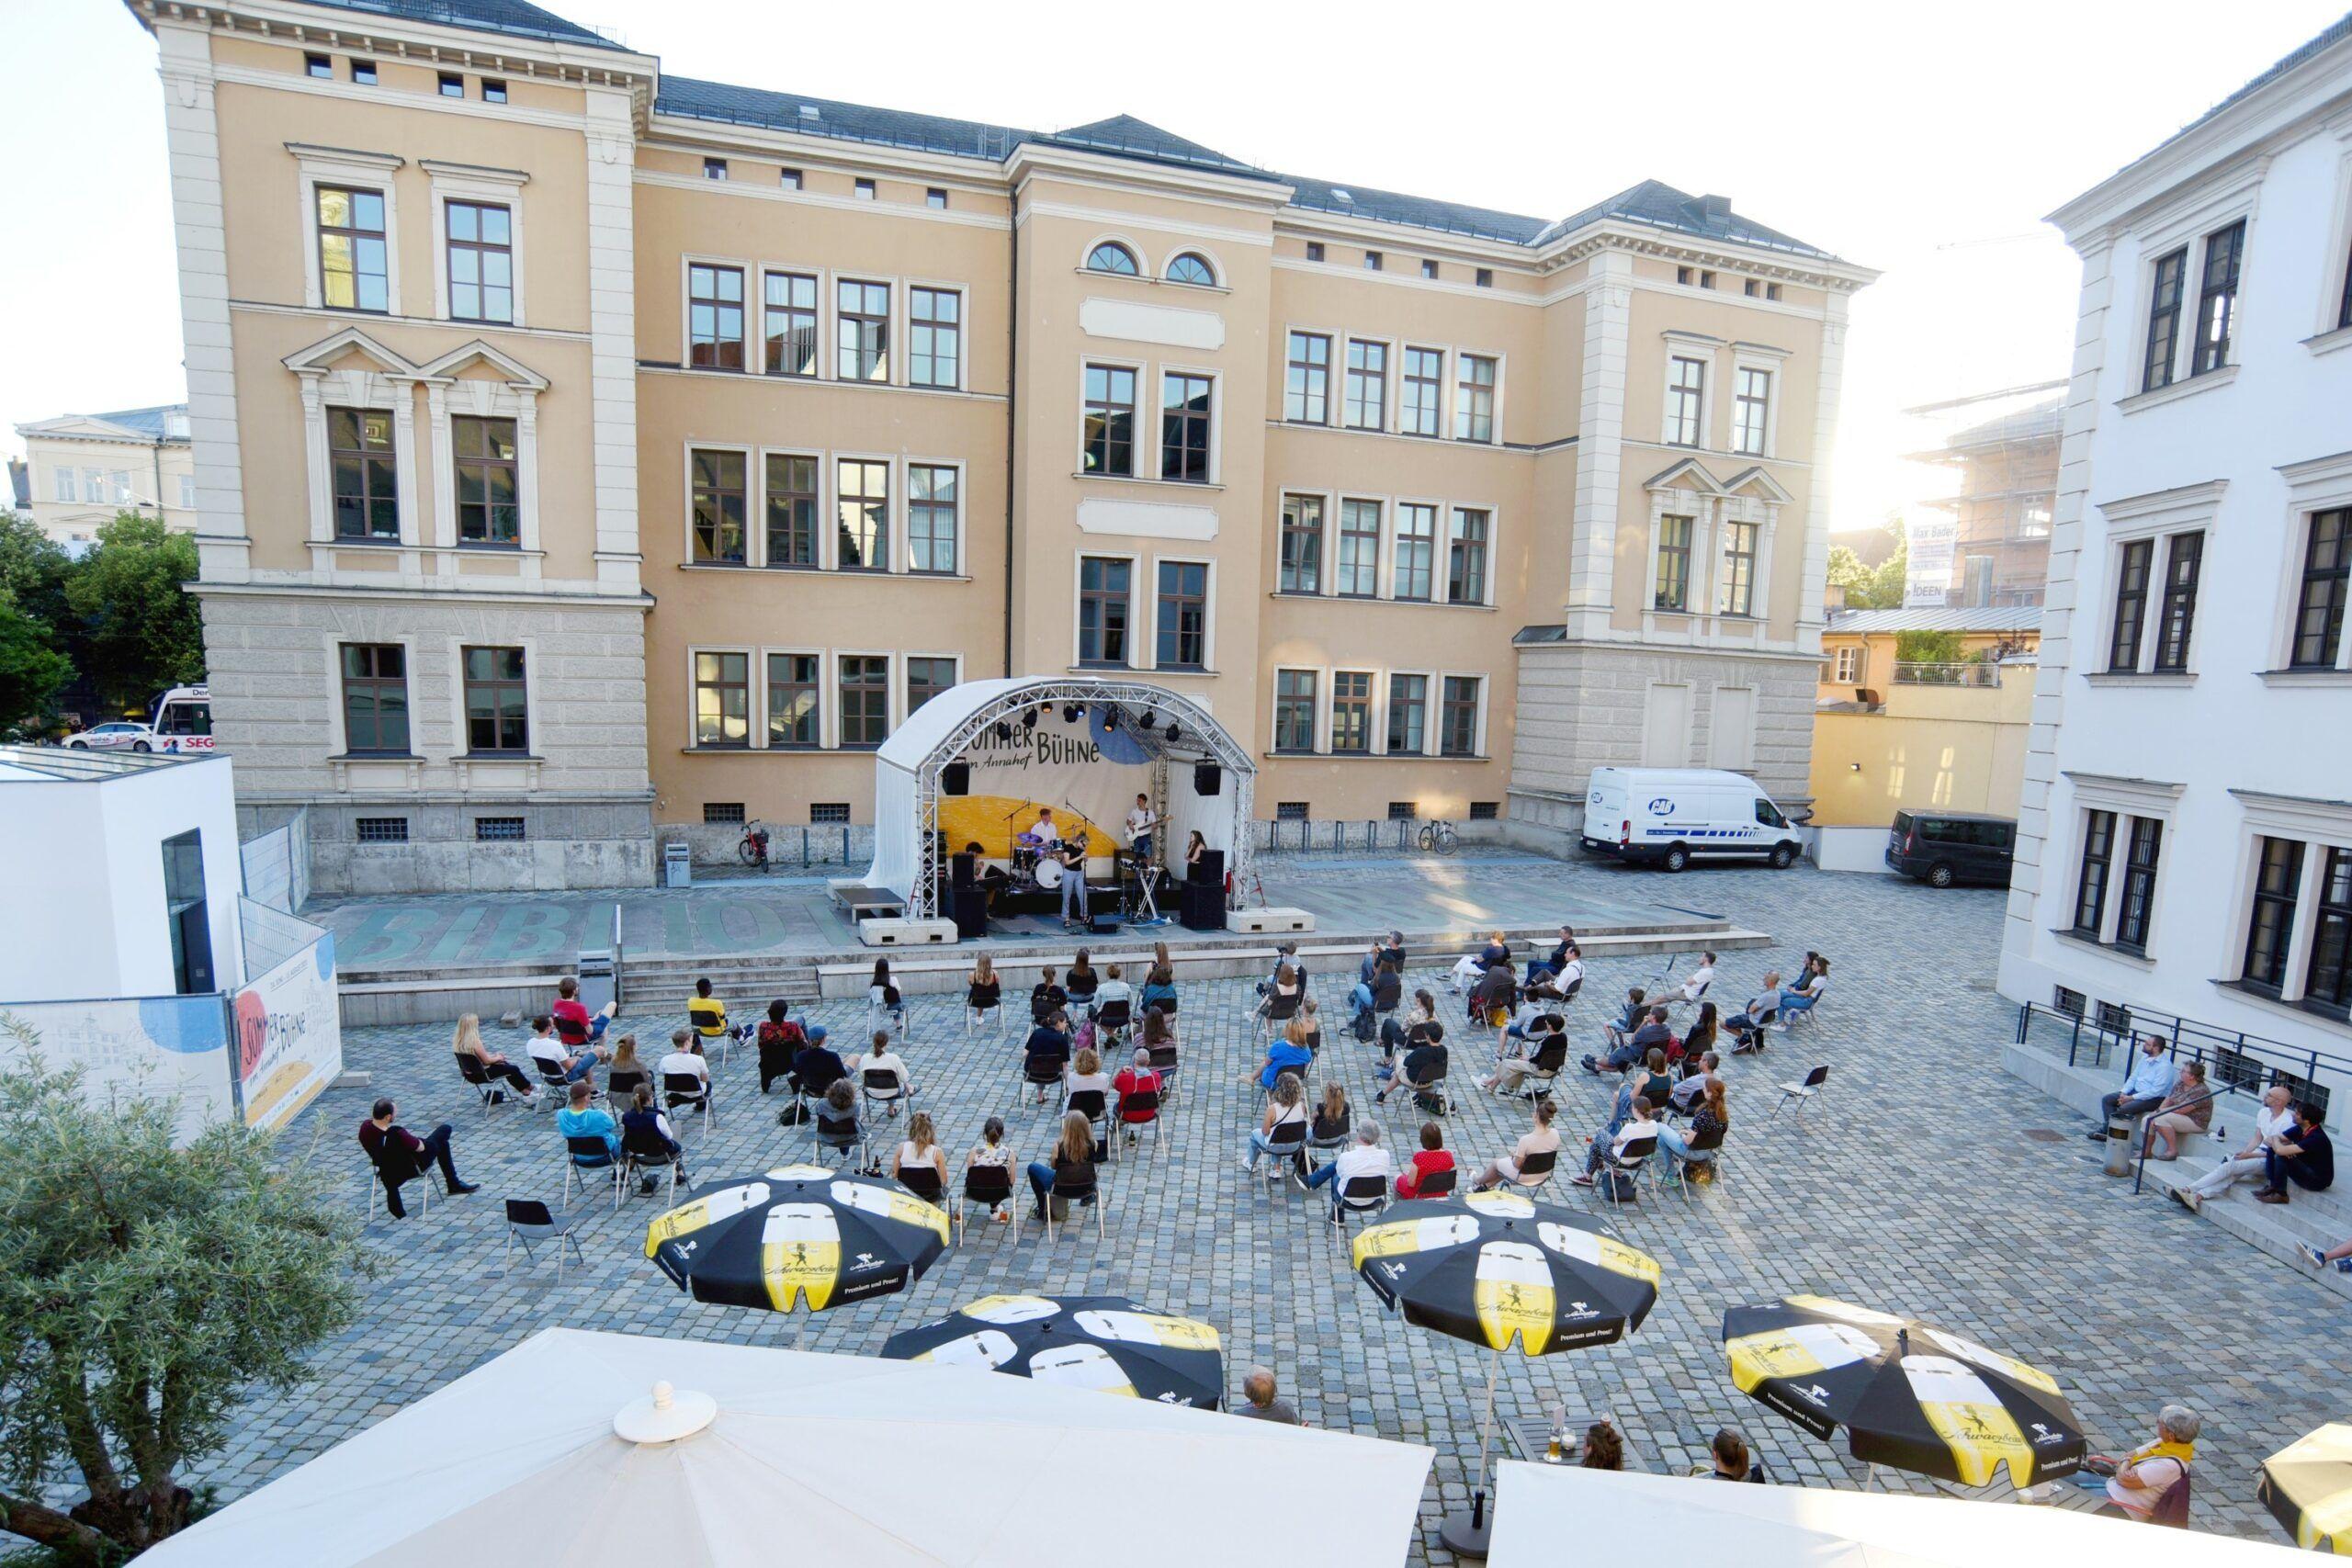 21 06 02 Bild 2 Somm Stadt Augsburg Scaled